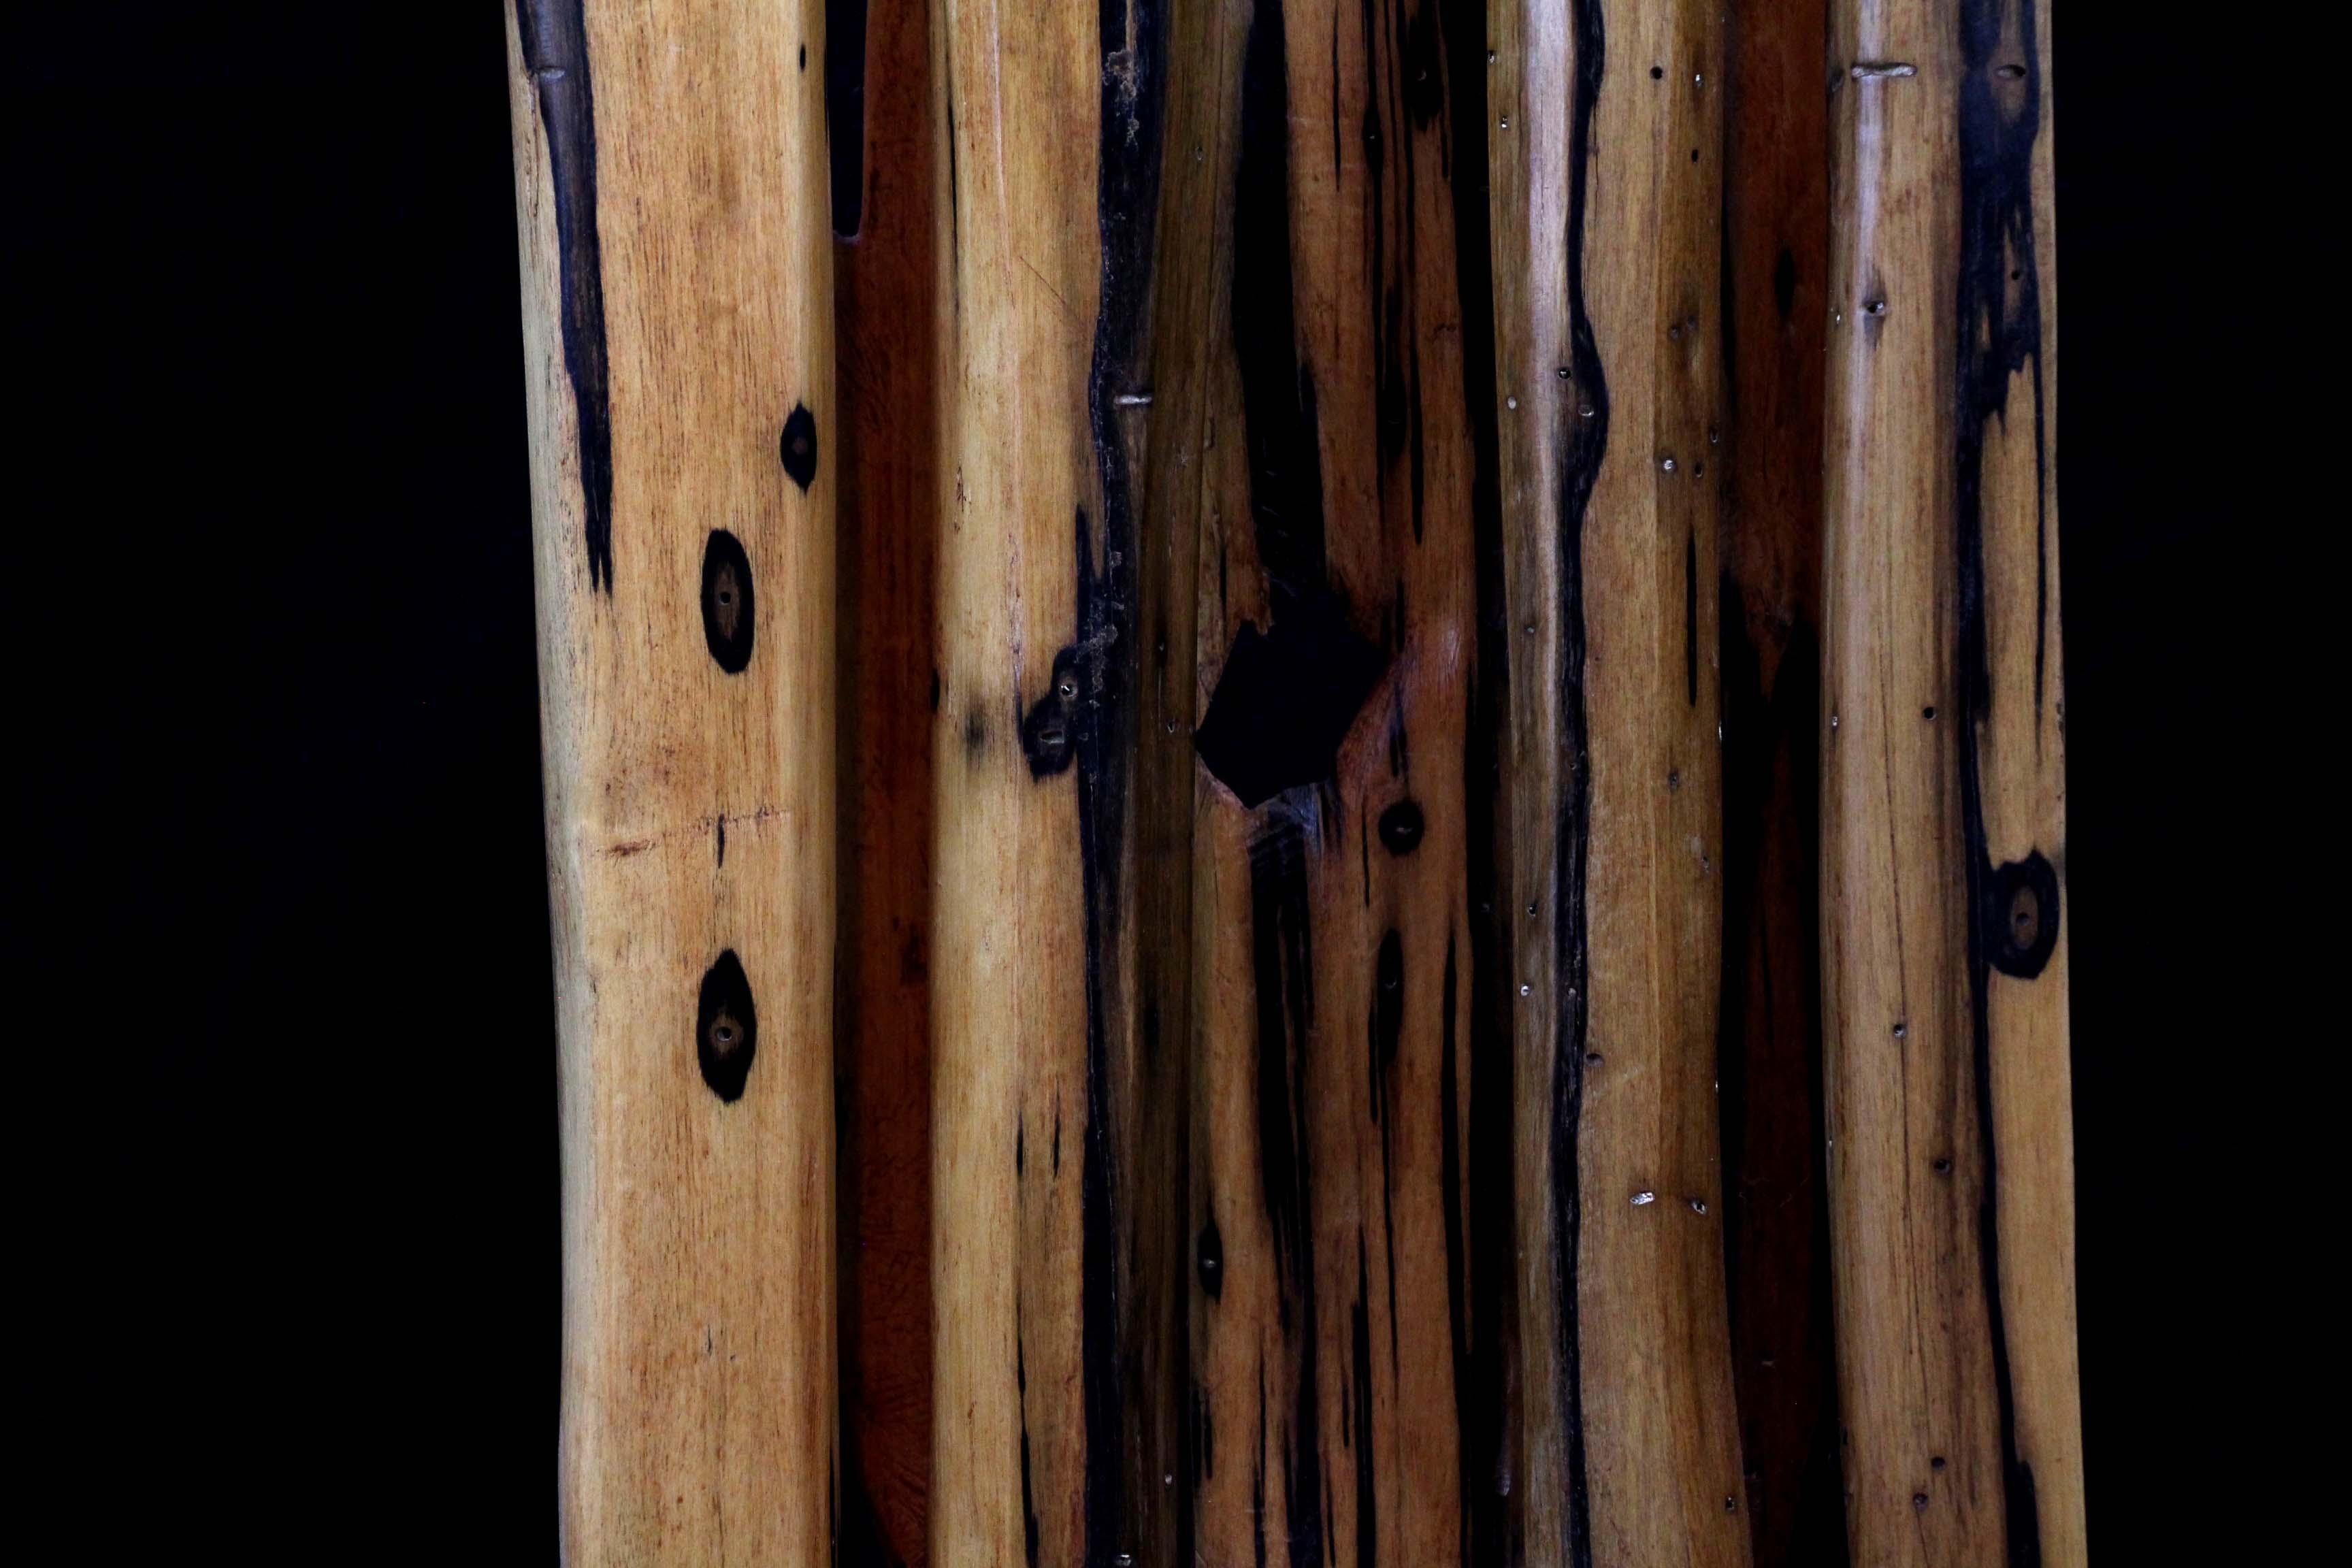 Fenêtre sur Corcovado - détail